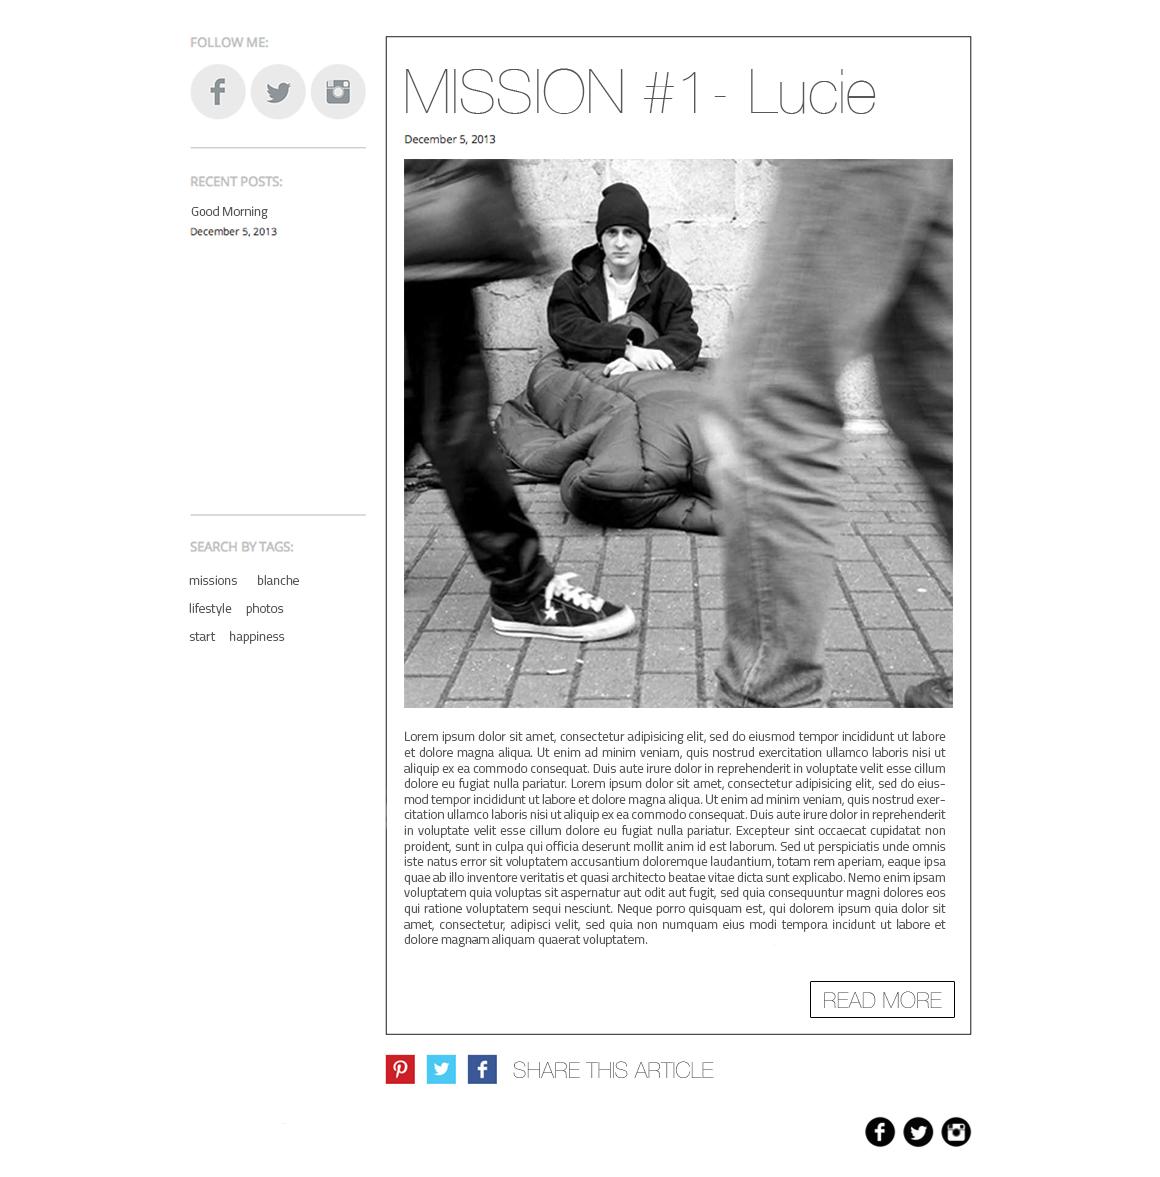 geoffrey-mitre-lacroix-mission